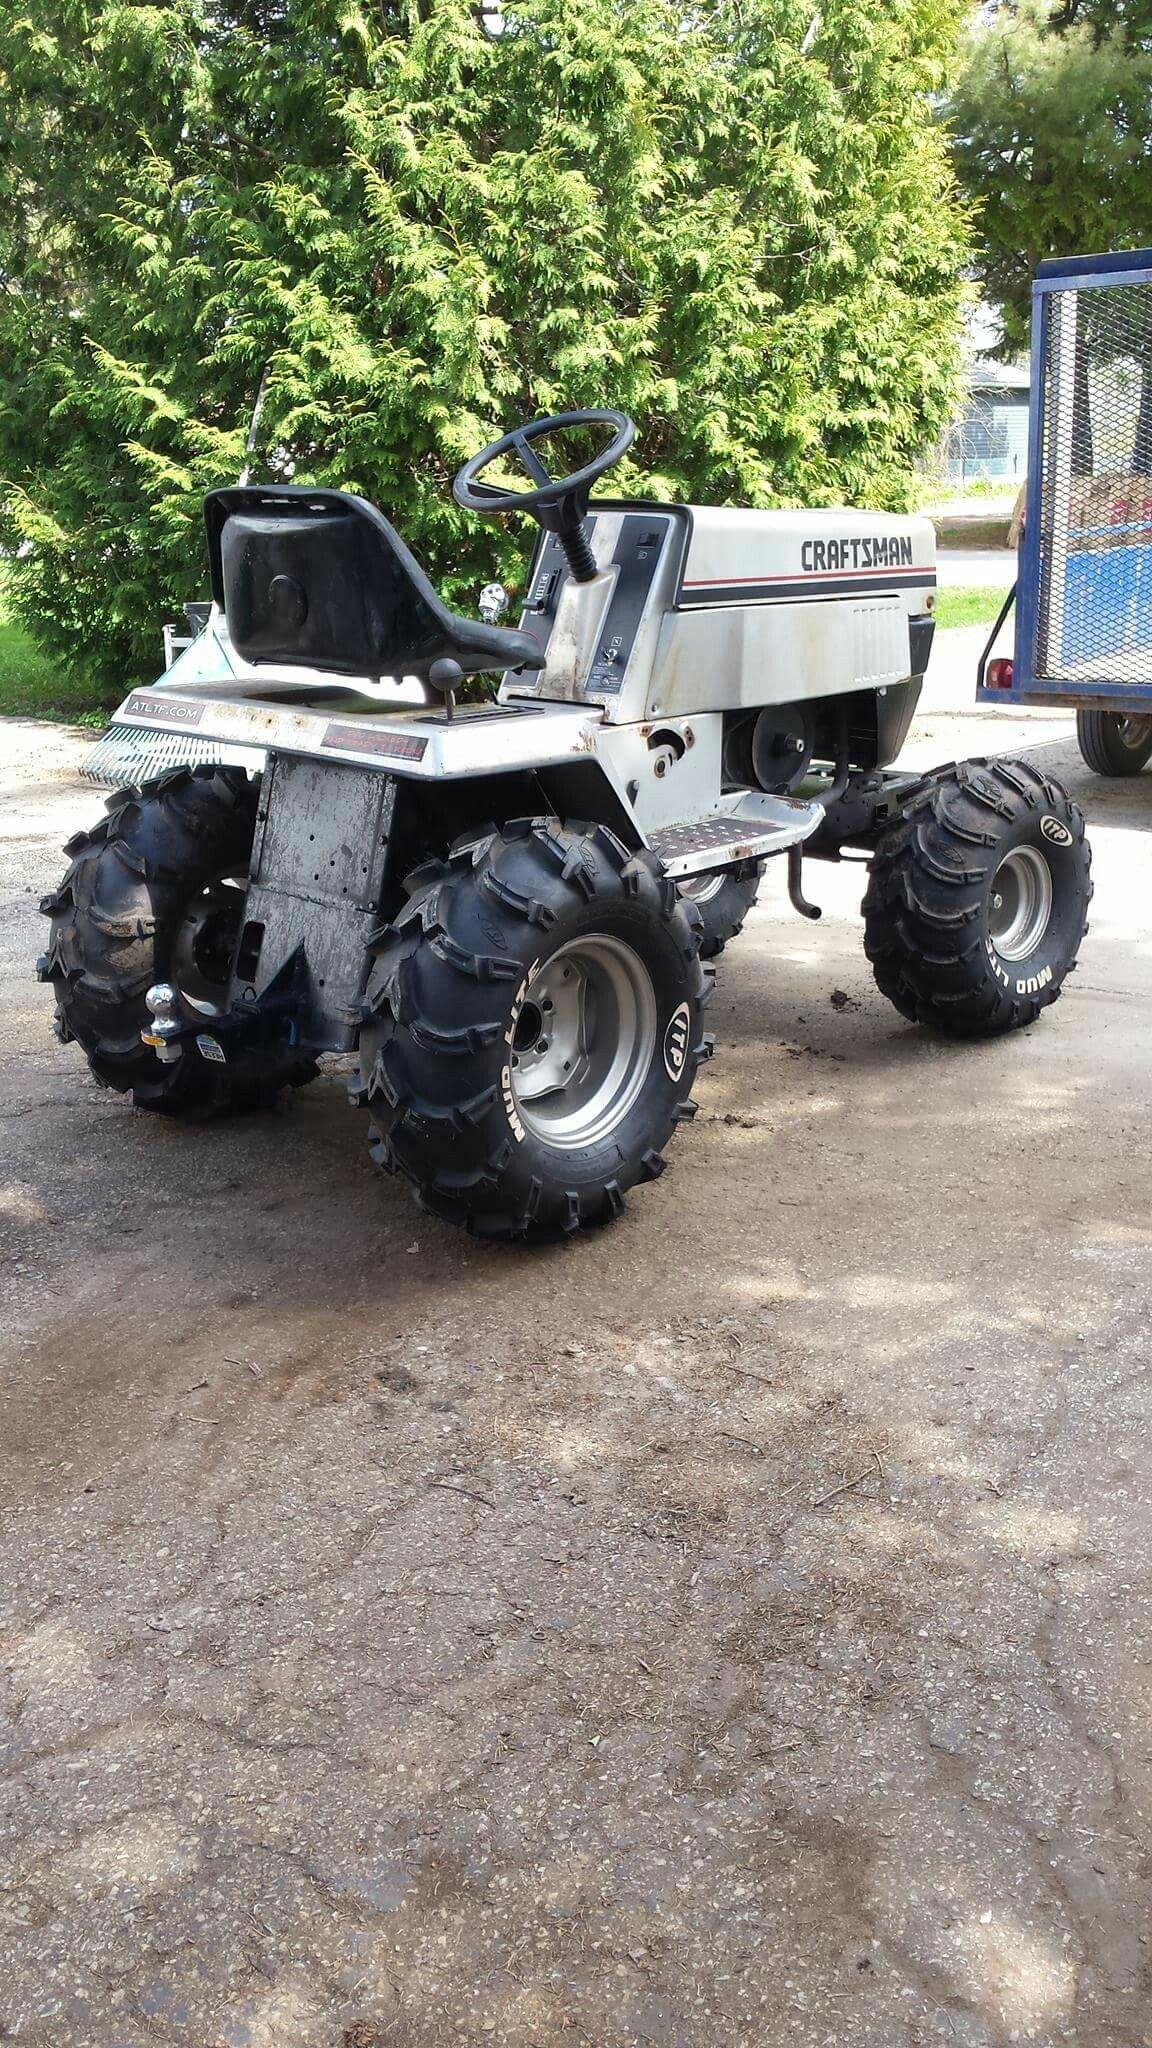 Craftsman Mud Mower Tractor Mower Yard Tractors Lawn Mower Repair